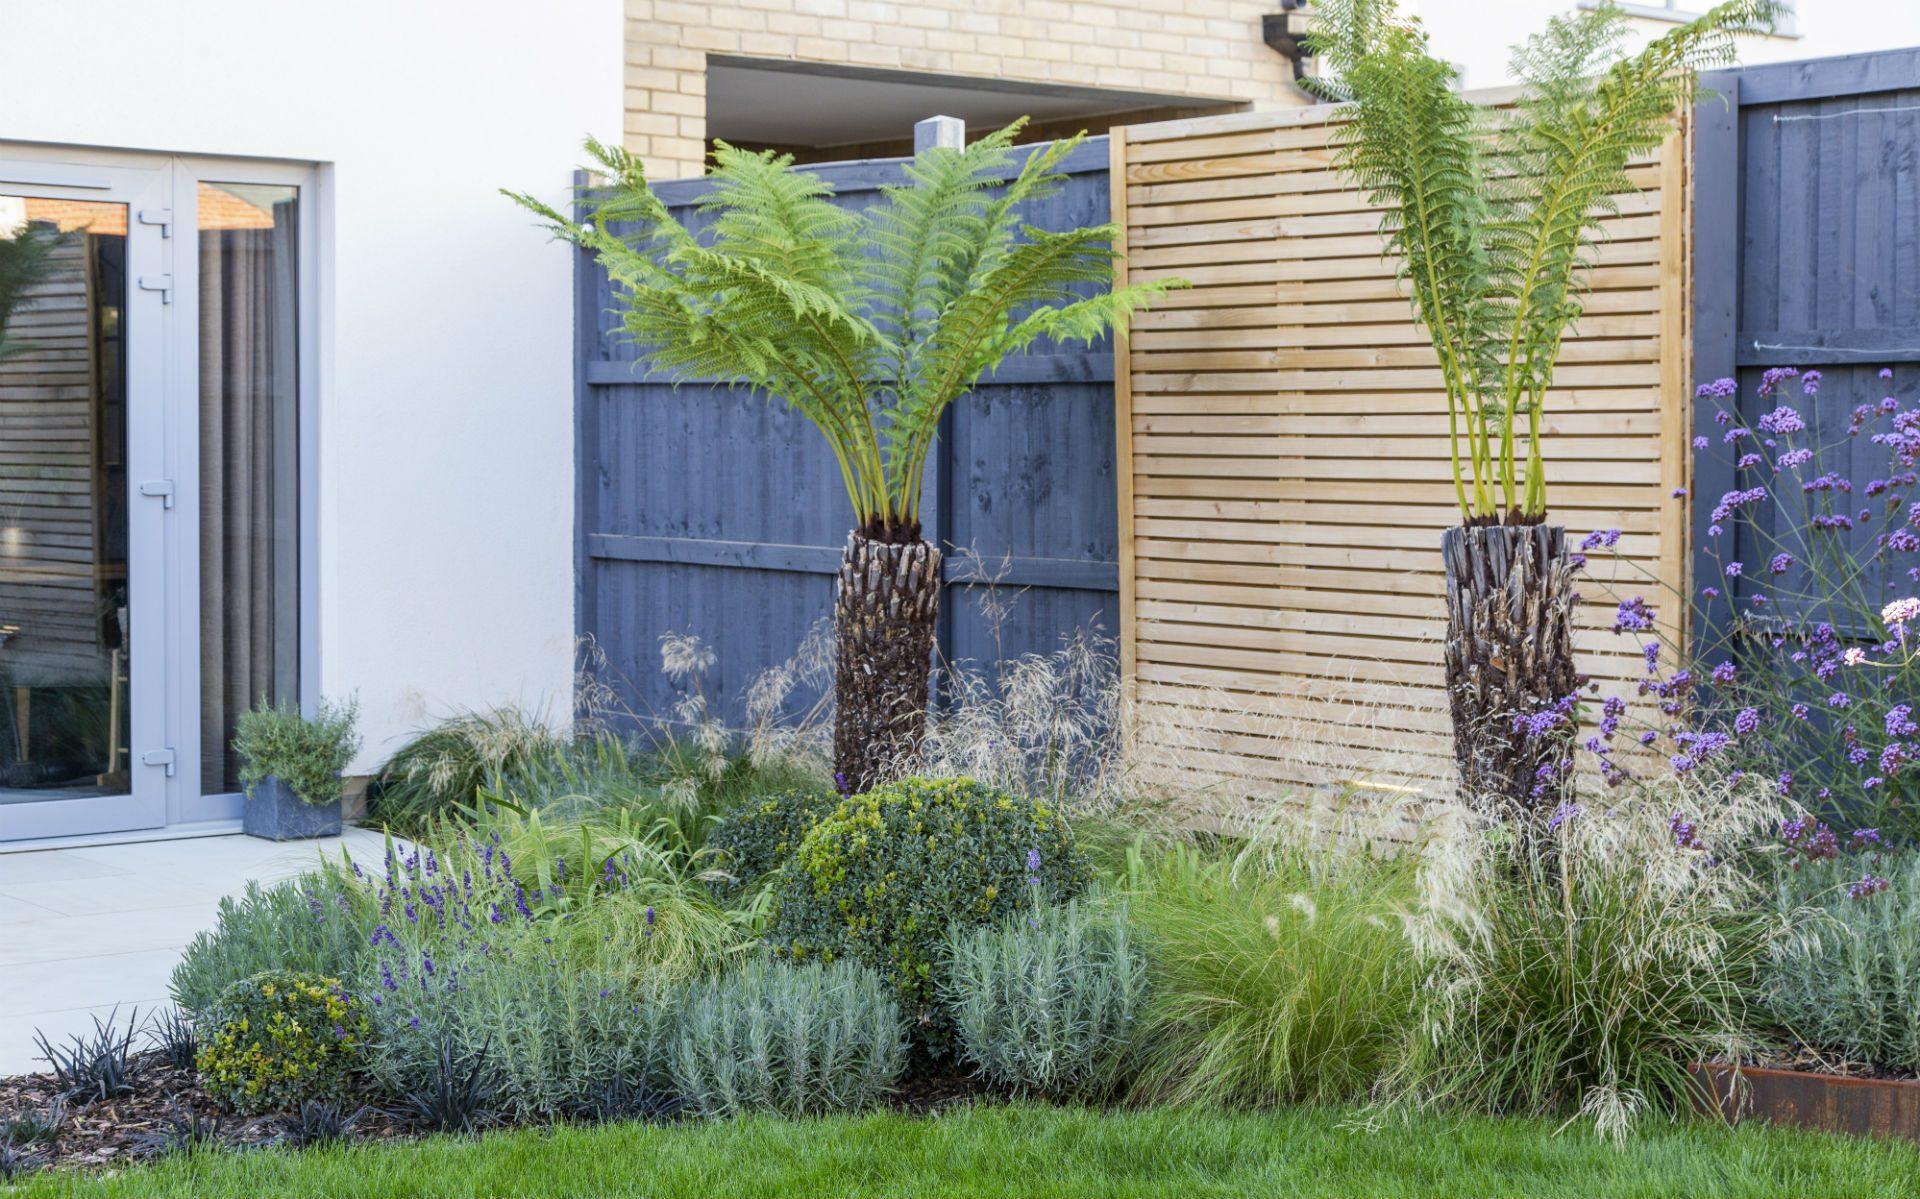 Portfolio Small Urban Garden Beaulieu Essex Tropical Planting Ferns